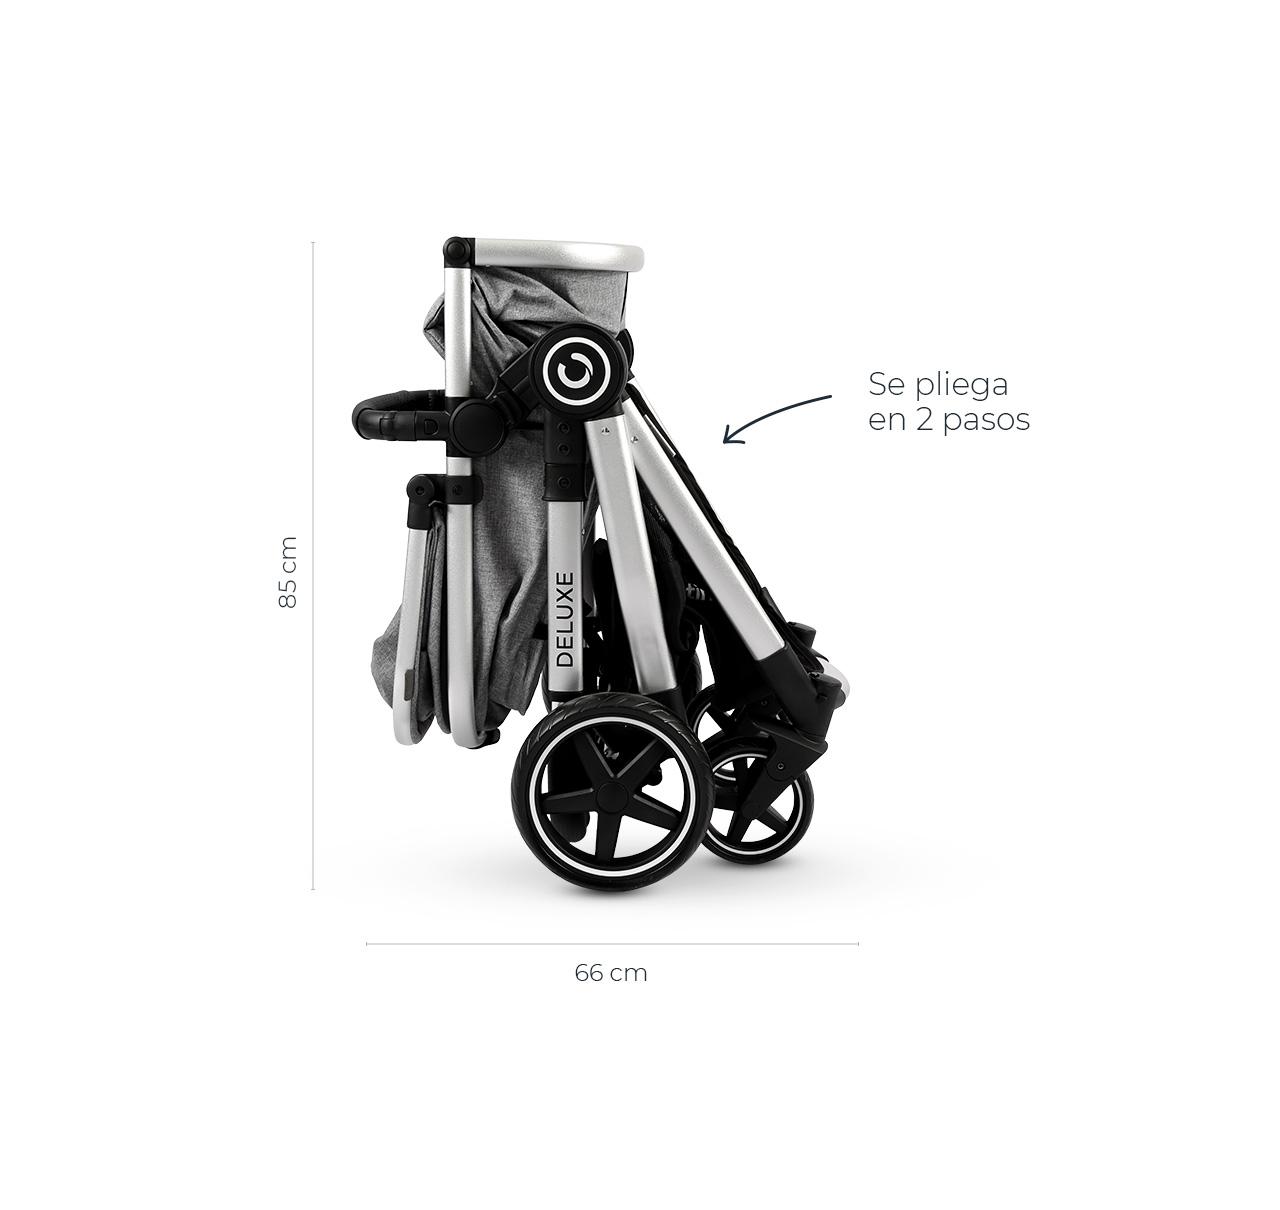 Cochecito DELUXE v2 Accesorios Negro imagen 20